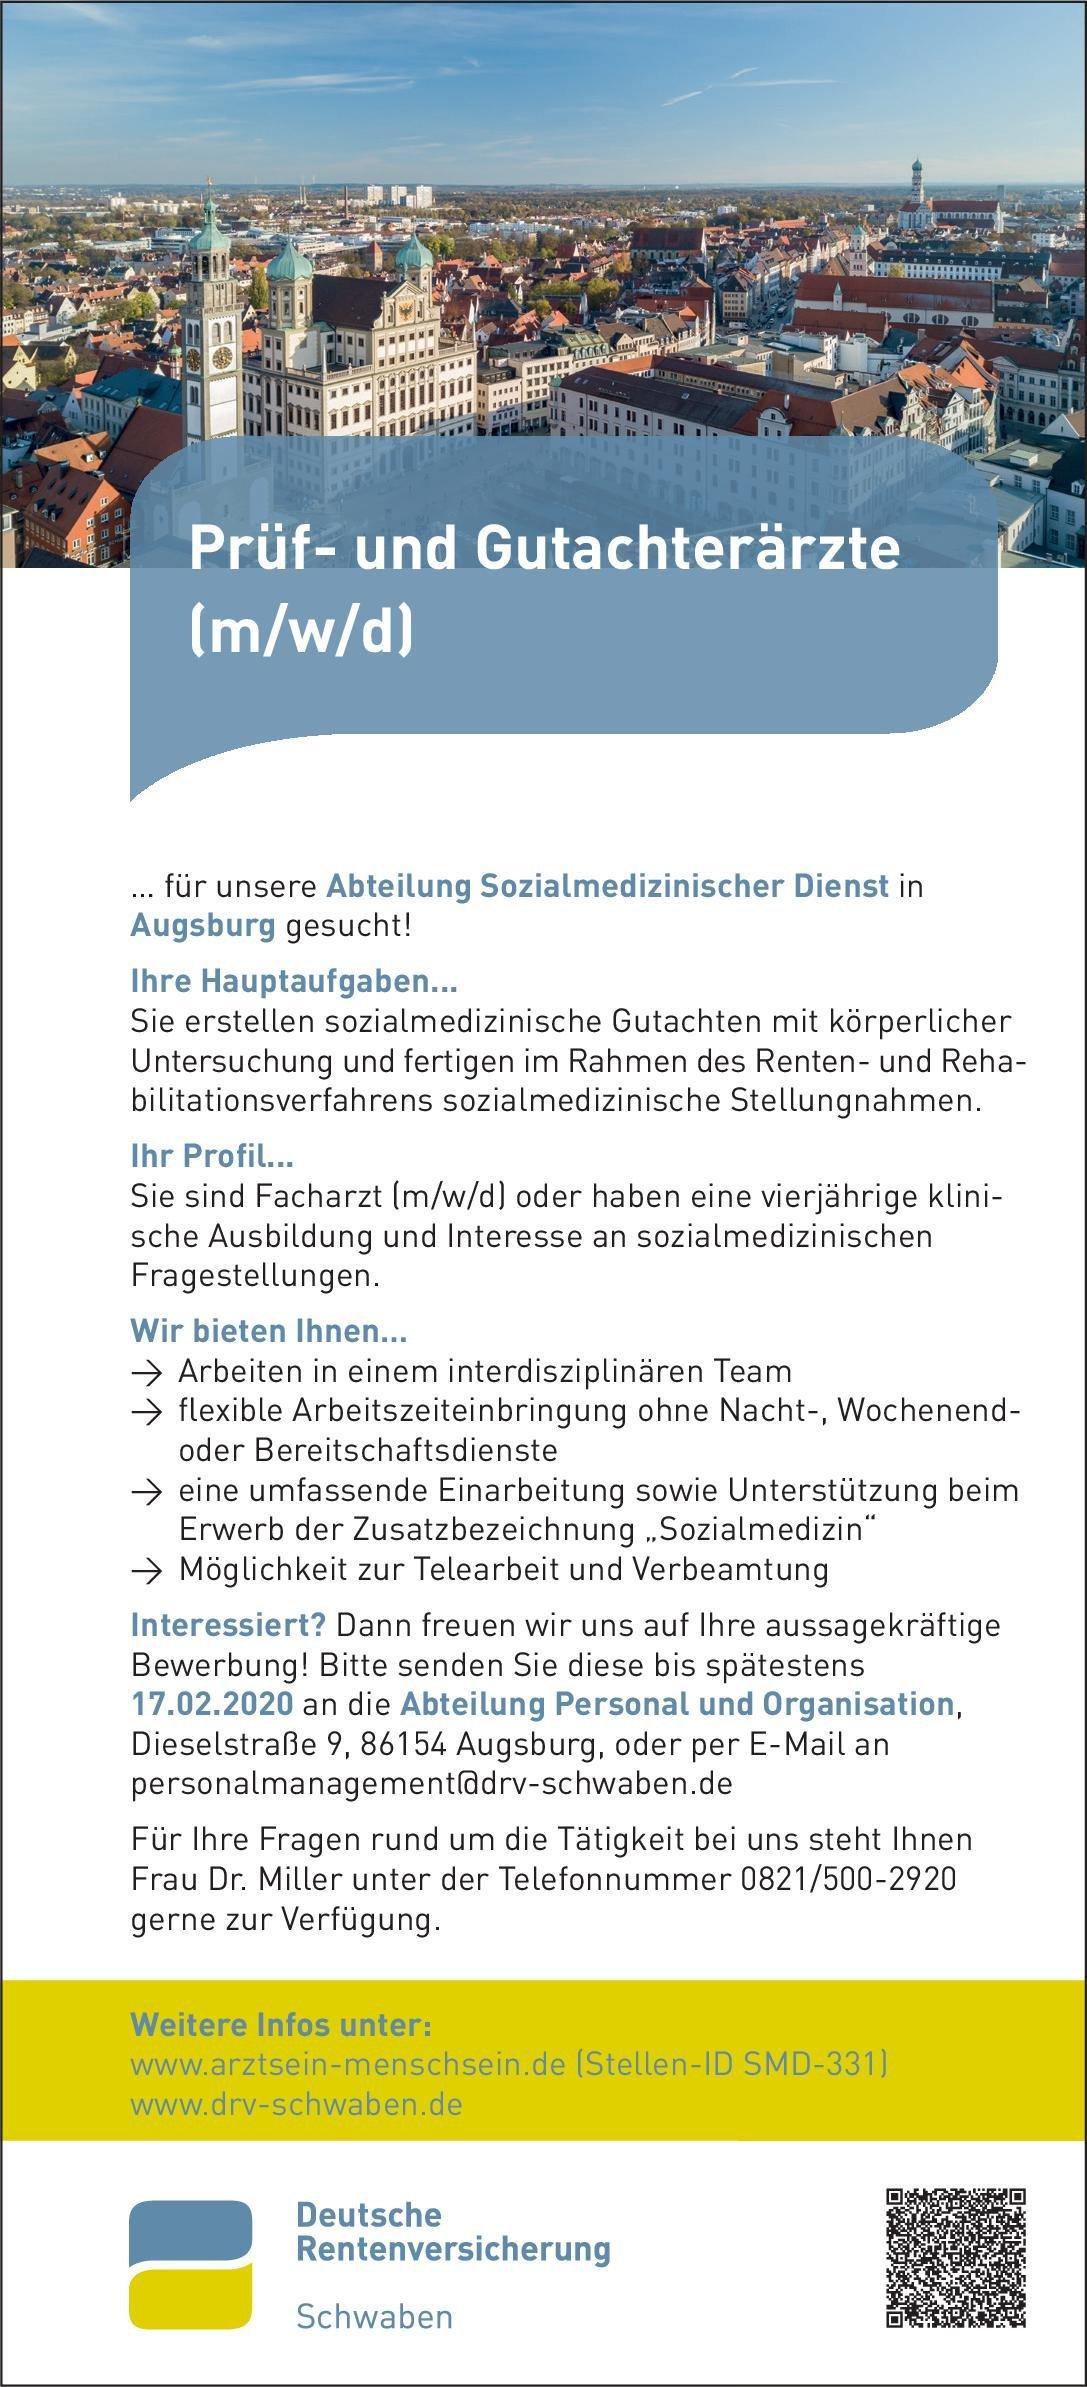 Deutsche Rentenversicherung Schwaben Prüf- und Gutachterärzte (m/w/d) * ohne Gebiete Arzt / Facharzt, Gutachter / Dokumentar